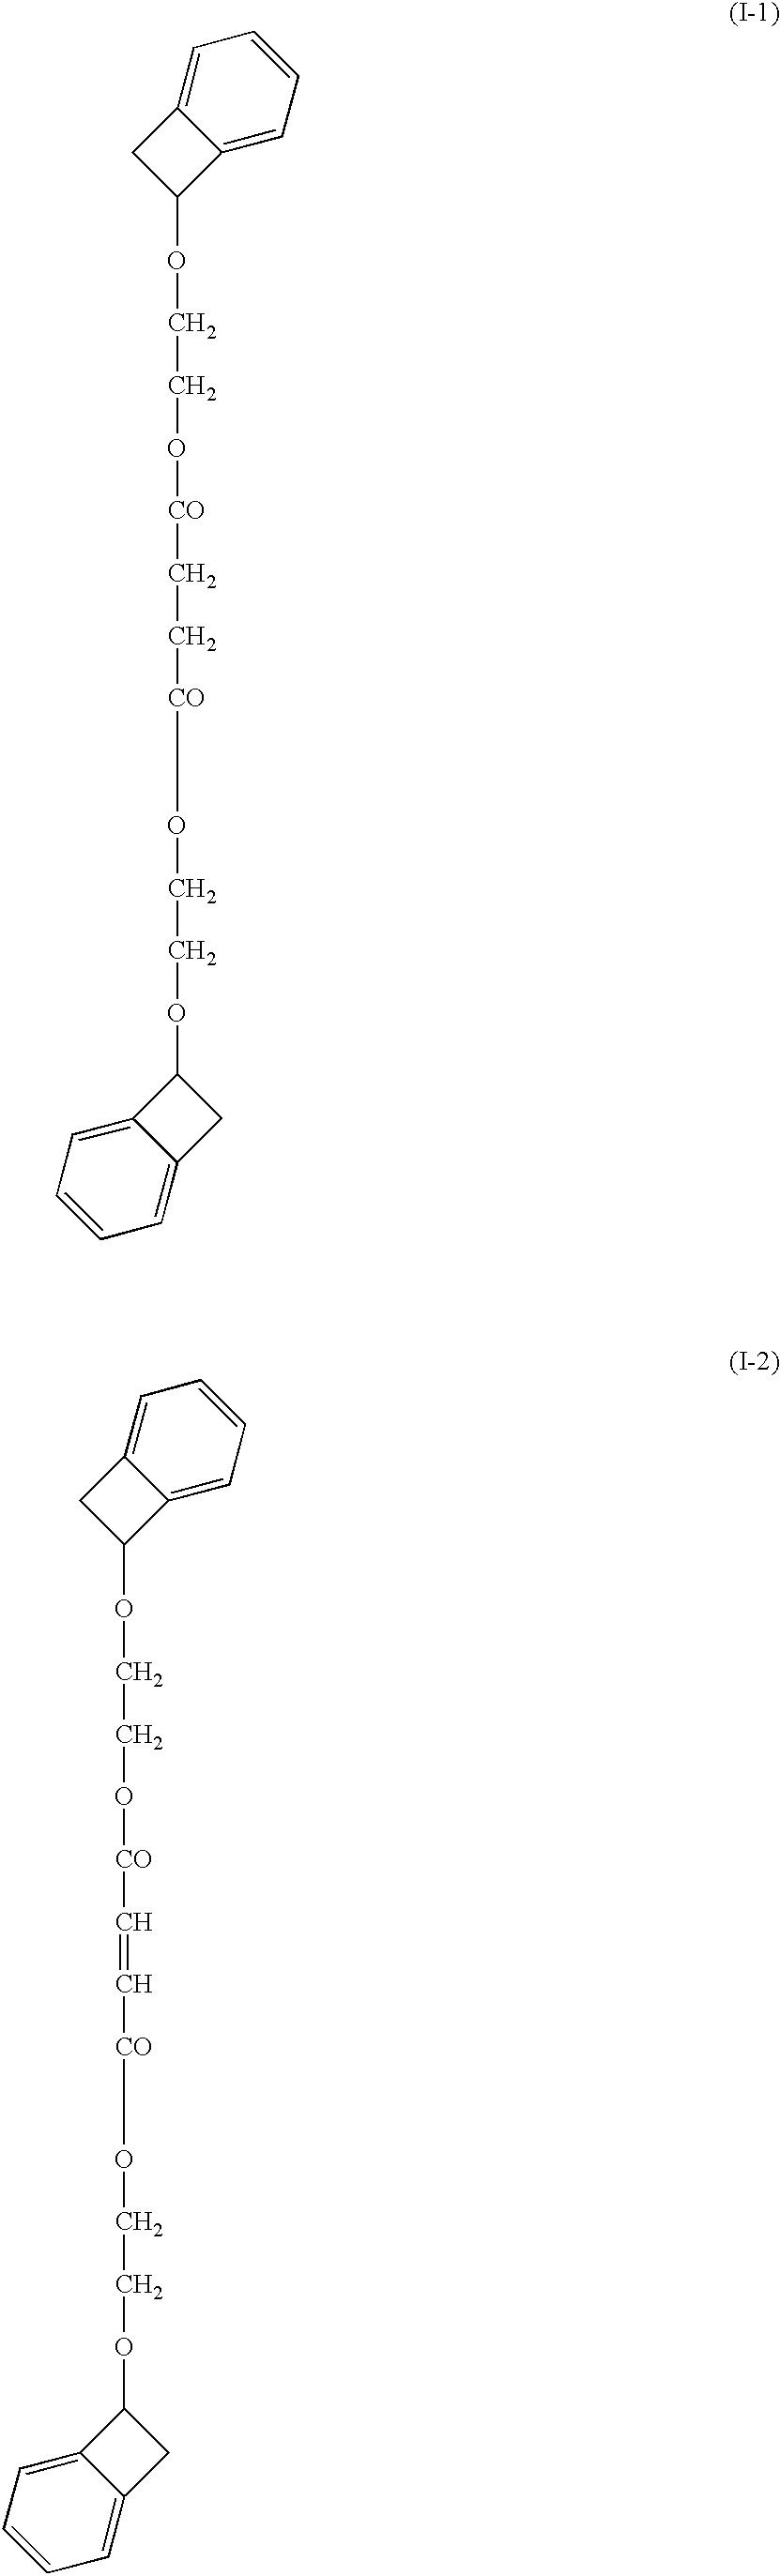 Figure US20030165778A1-20030904-C00006